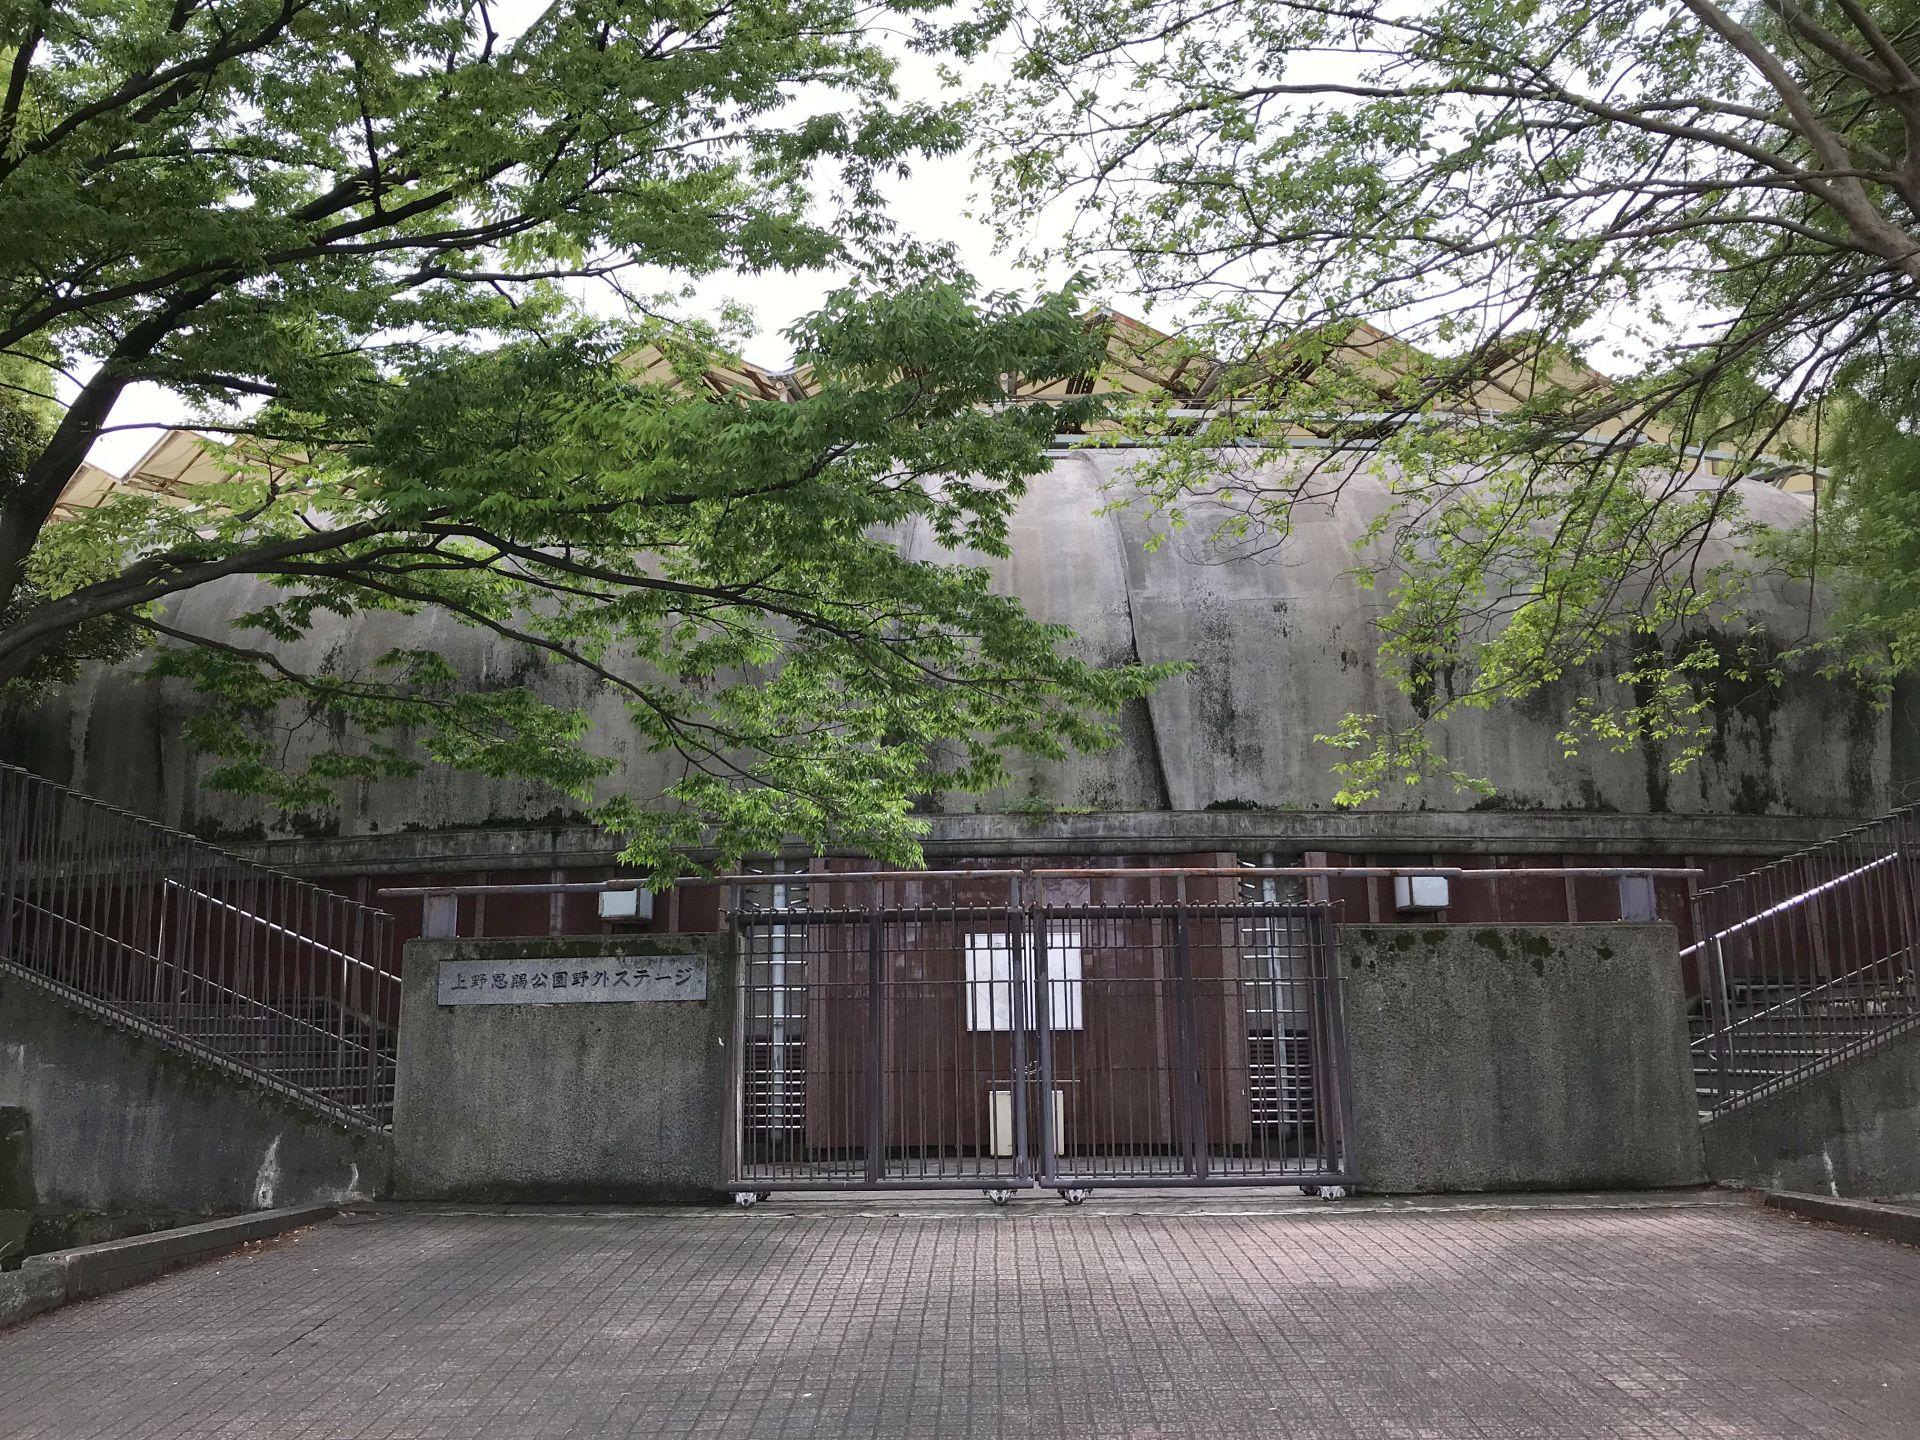 上野恩賜公園野外ステージ